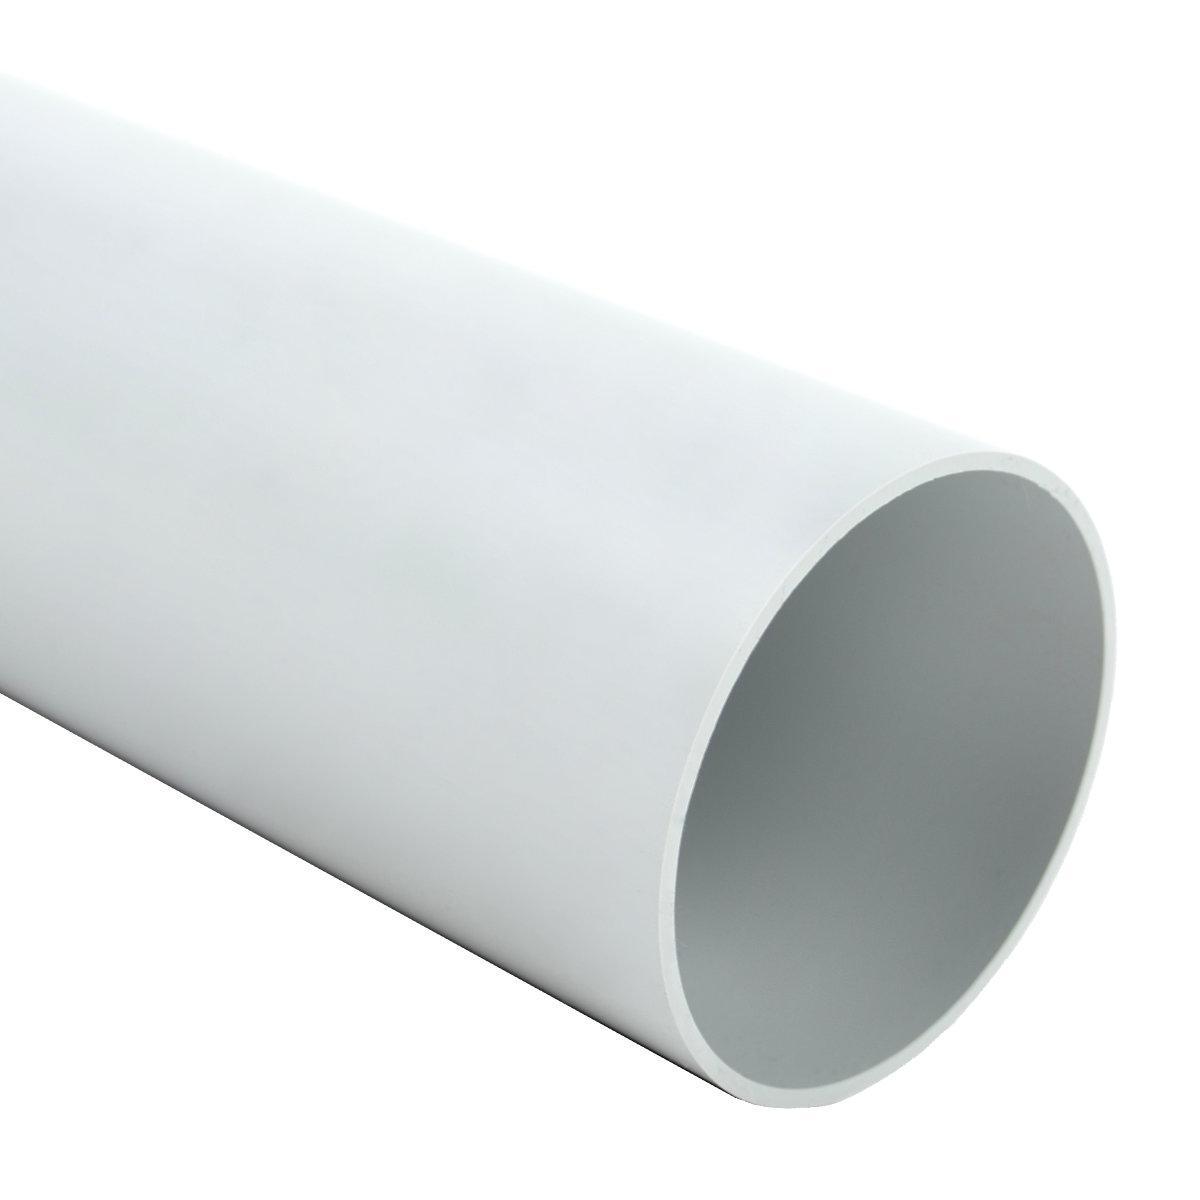 Труба жорстка 320 N/5см з раструбом для з'єднання; Ø63мм; полікарбонат; безгалогенна; t застосування -45-90 °с; світло-сіра; Упаковка 15 шт